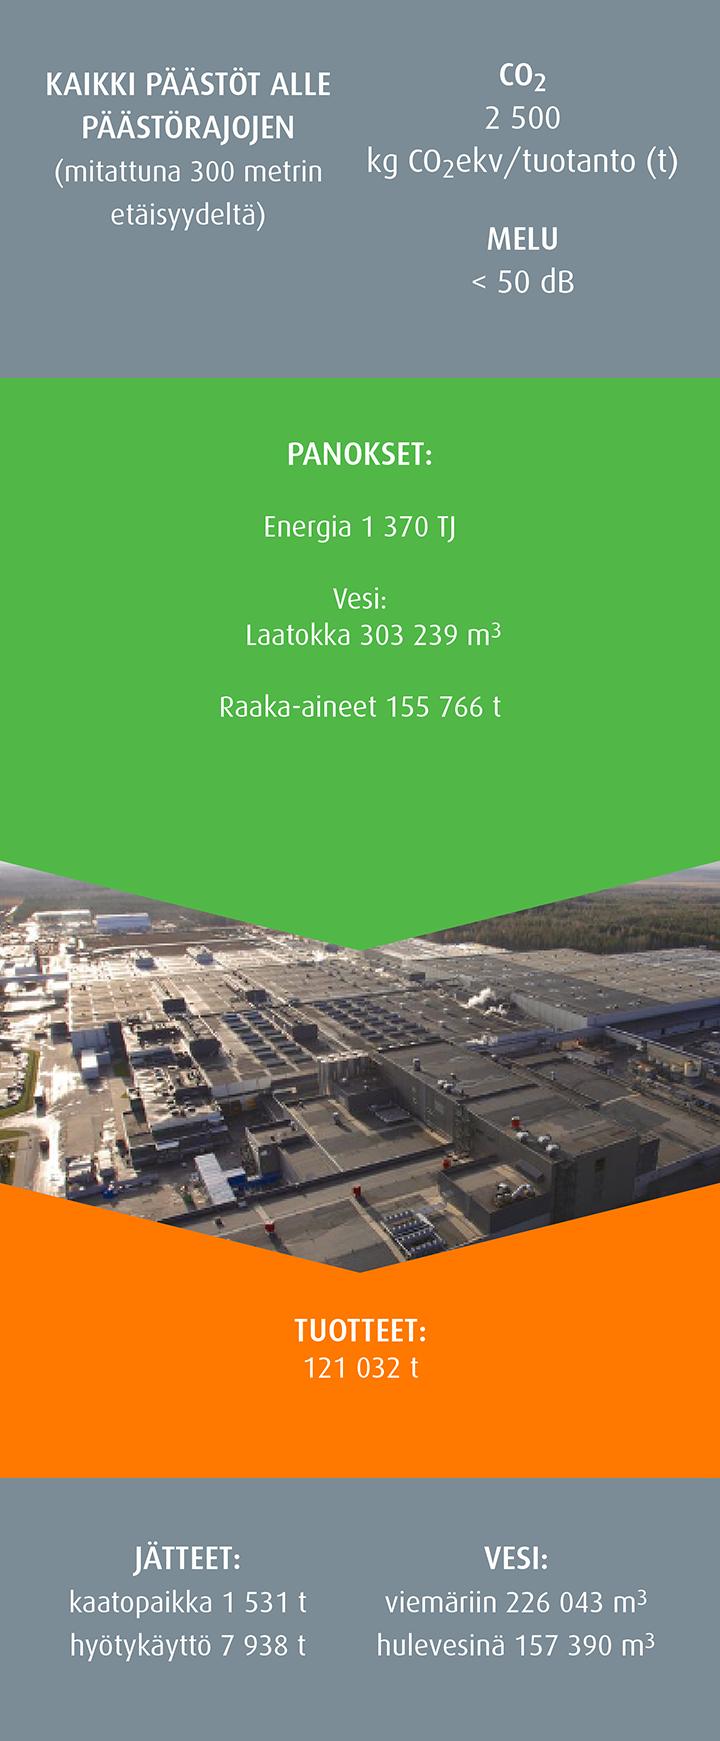 Venäjän-tehtaan ympäristövaikutukset